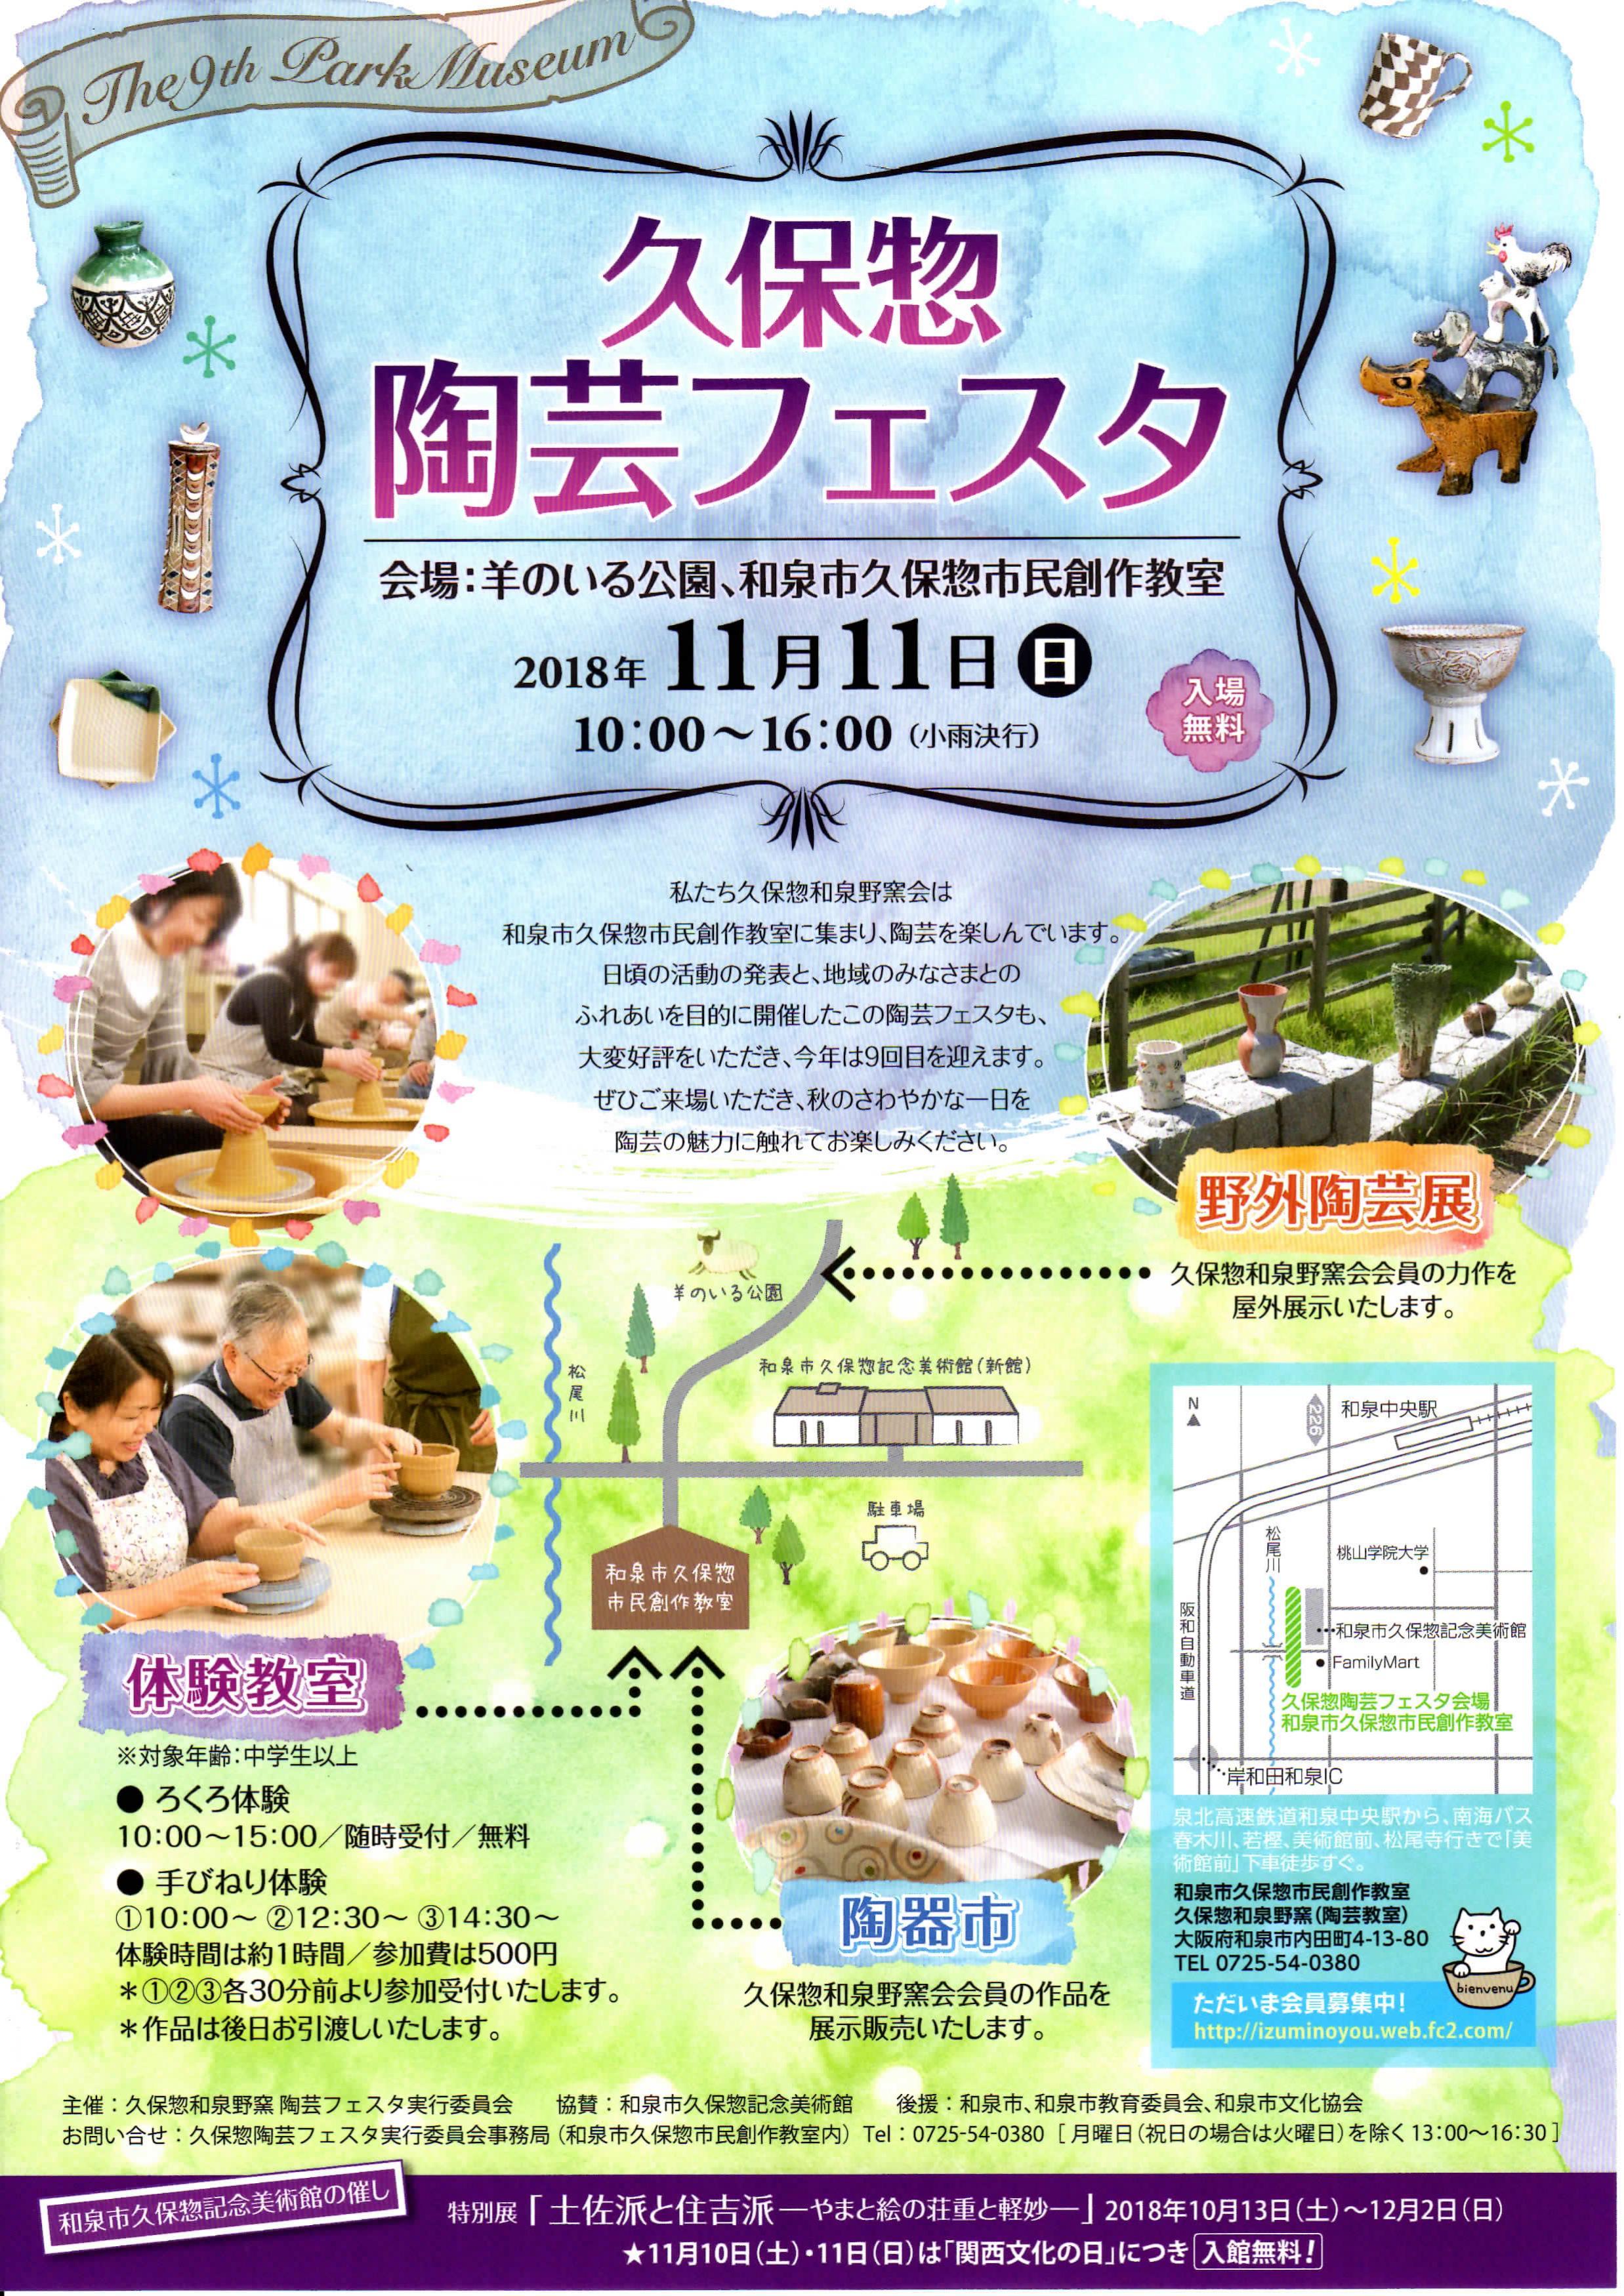 ♪2018年11月11日(日)開催!久保惣陶芸フェスタのお知らせ♪